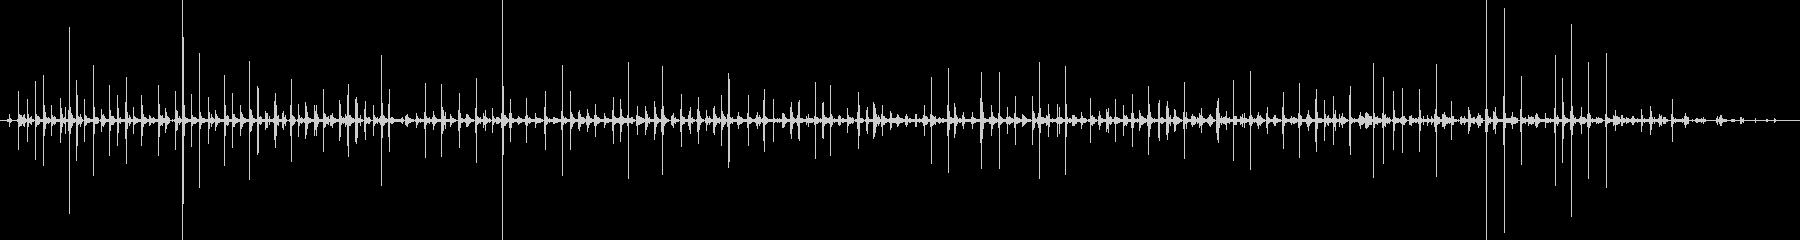 バイノーラル足音走るサンダル_前斜右の未再生の波形